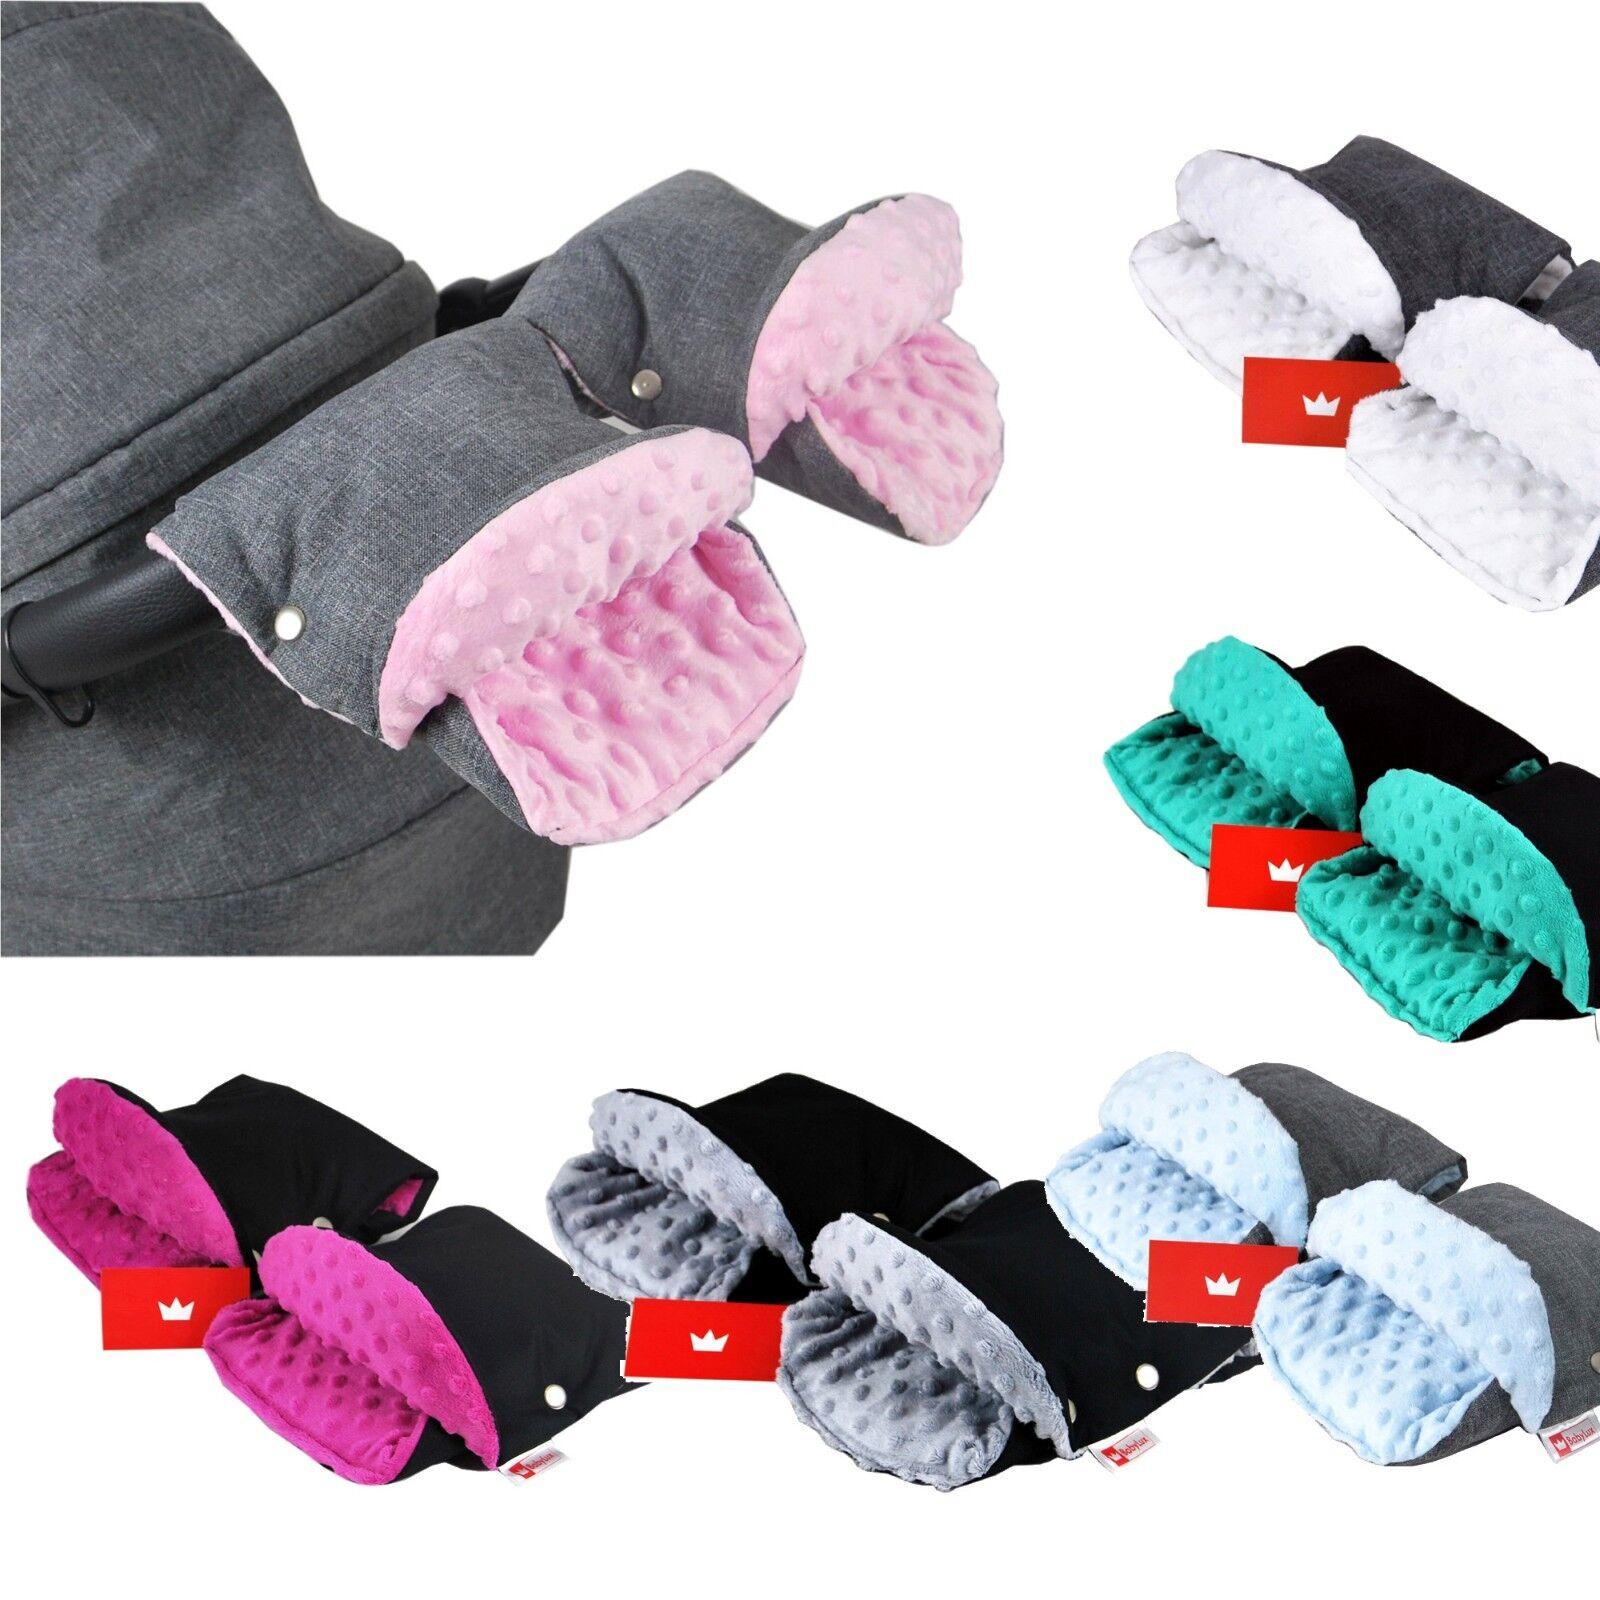 BABYLUX MUFF Handmuff Minky/Wolle Handwärmer - Kinderwagen Buggy Handschuh 2 Stk